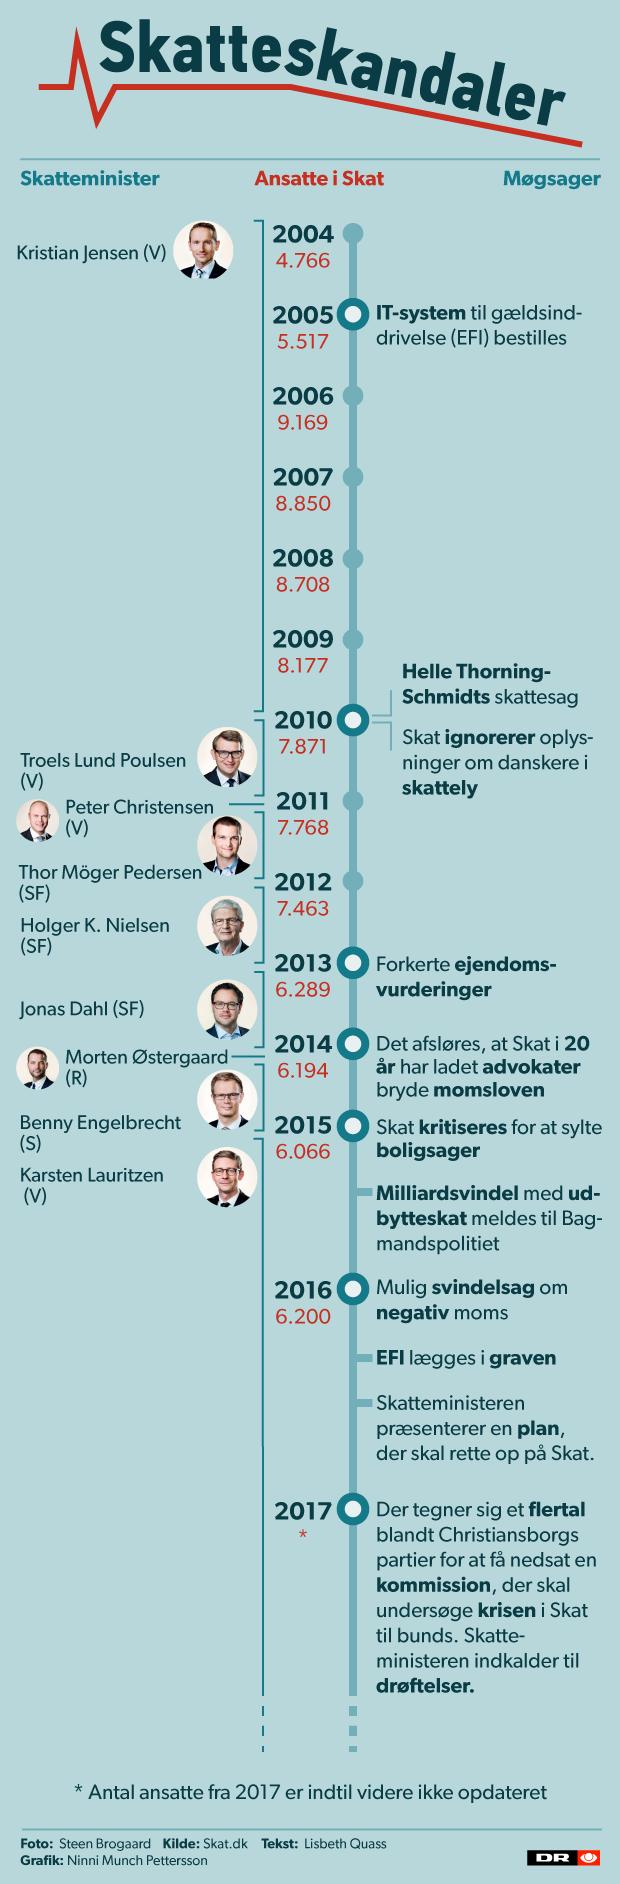 skatteskandaler_tidslinje2017.png